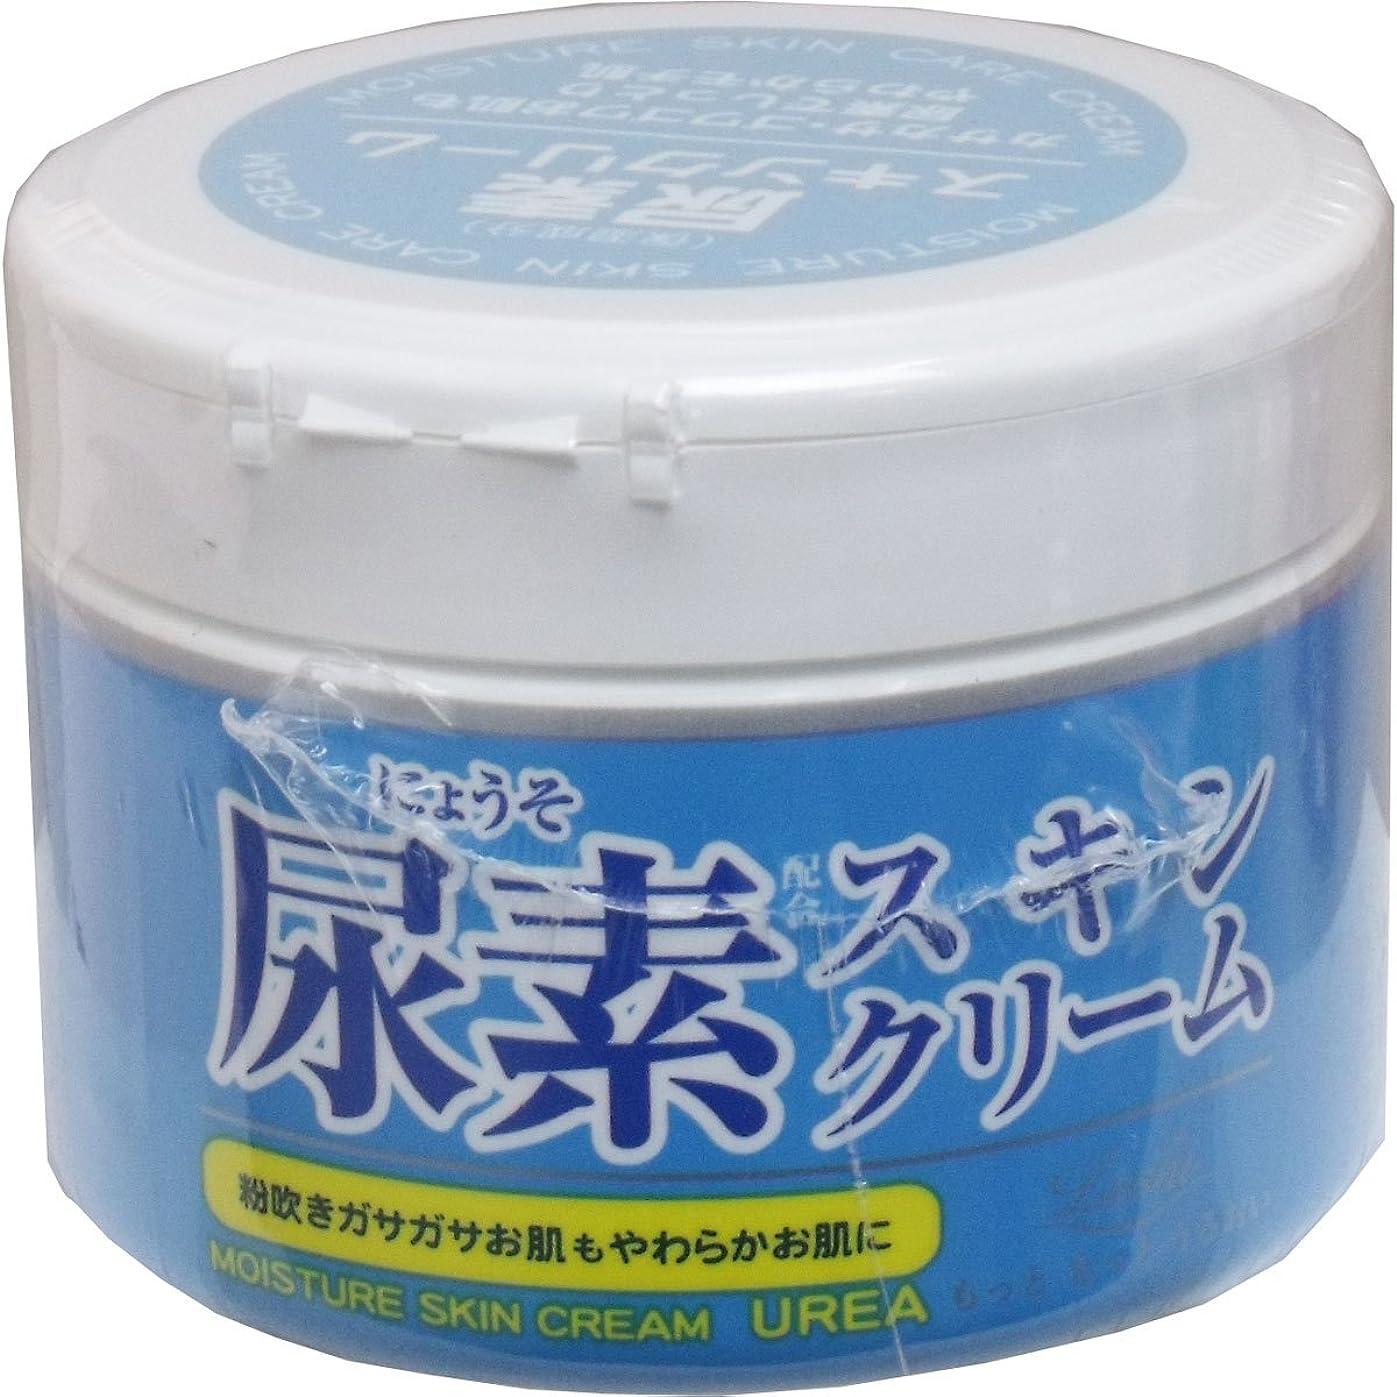 故障産地盆ロッシモイストエイド 尿素スキンクリーム × 6個セット